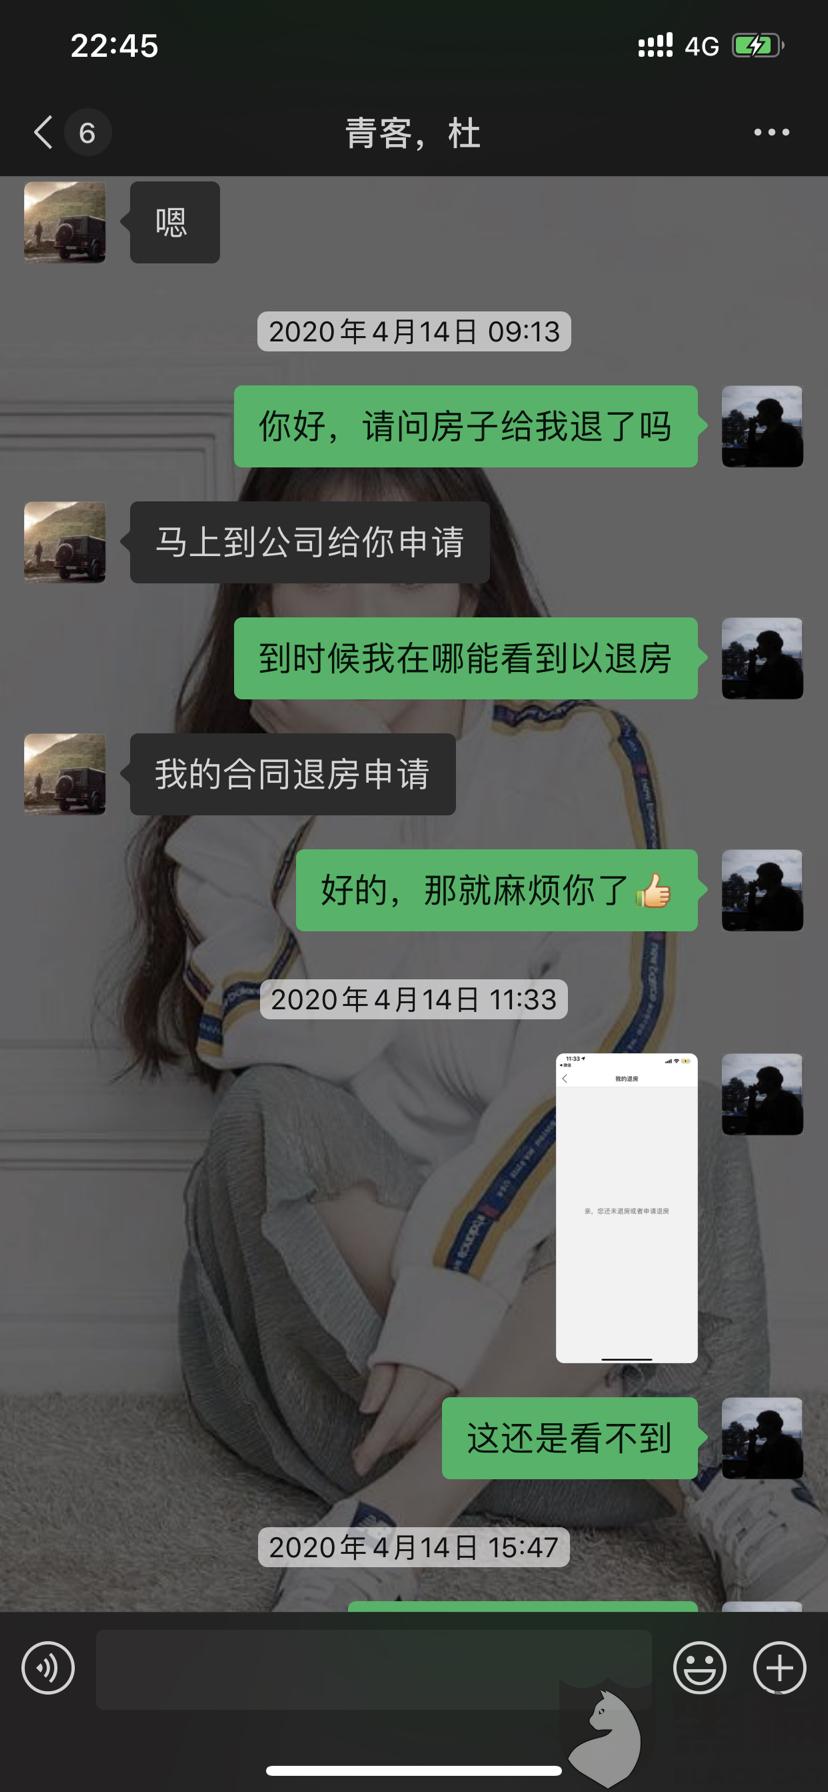 黑猫投诉:青客公寓不予办理退房,被房东赶出来了还要继续支付上海华瑞银行的贷款